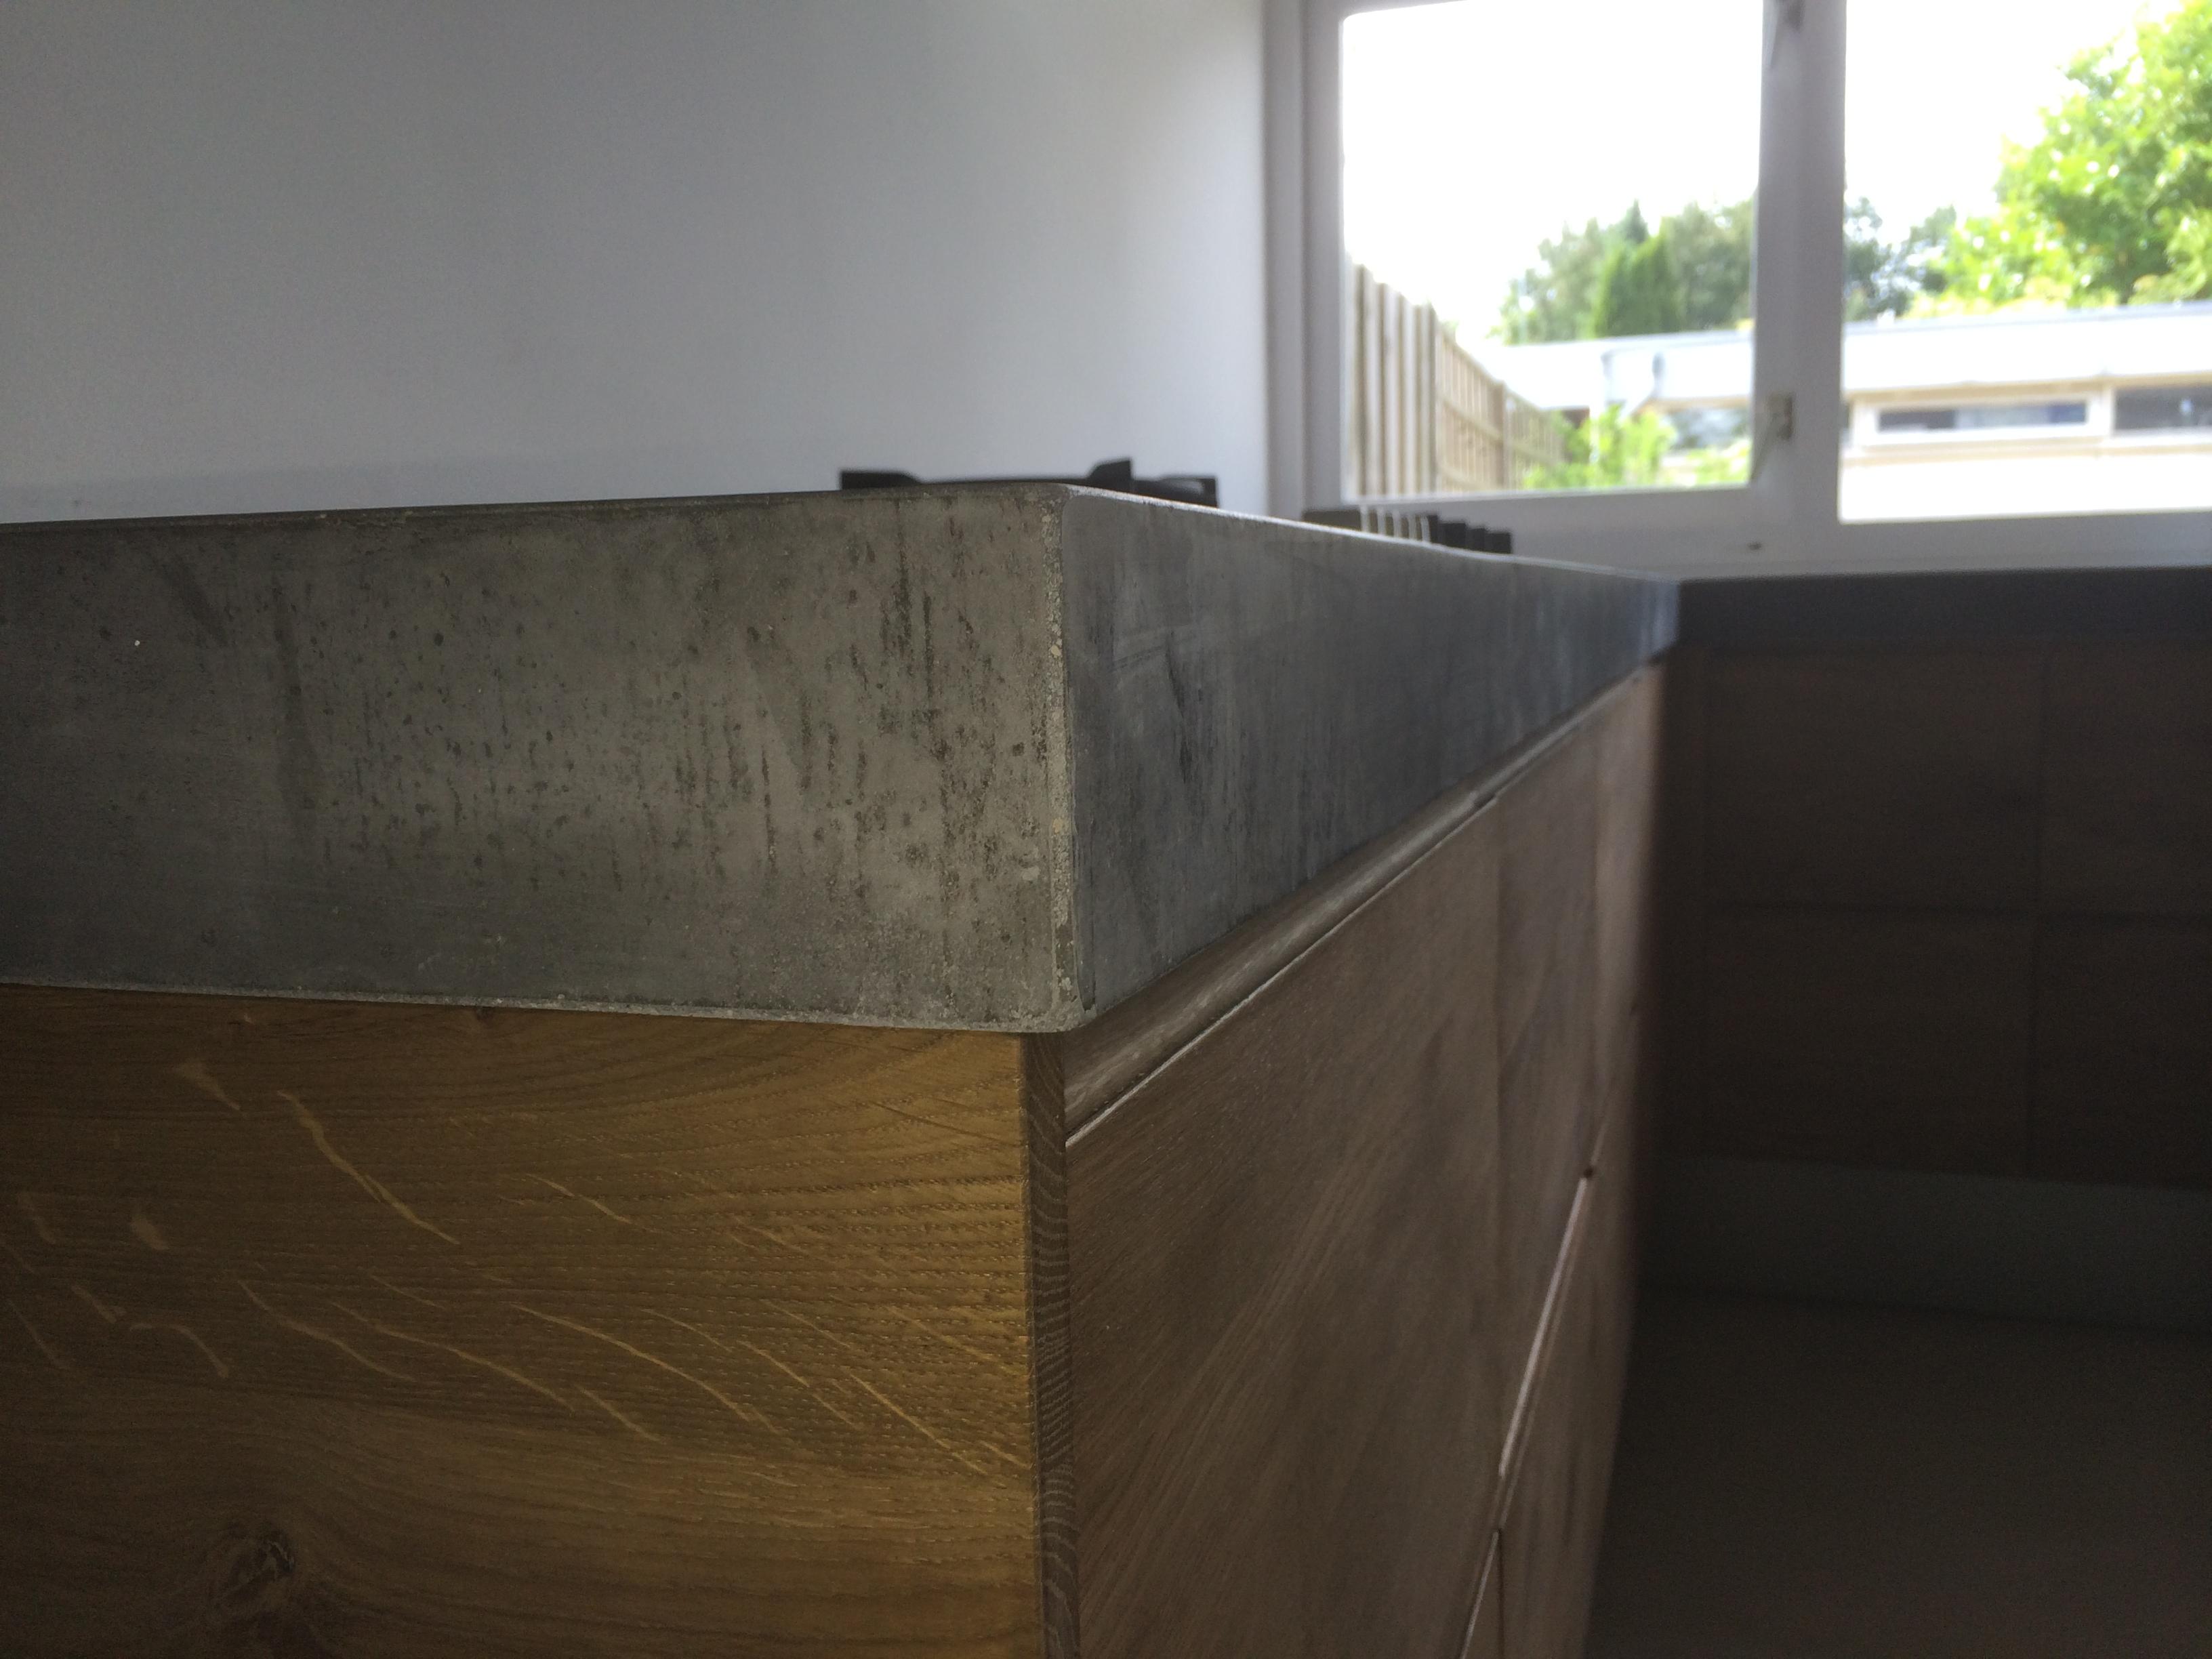 Grijze Houten Keuken : Koak design eiken houten keuken met grijs betonnen blad cm